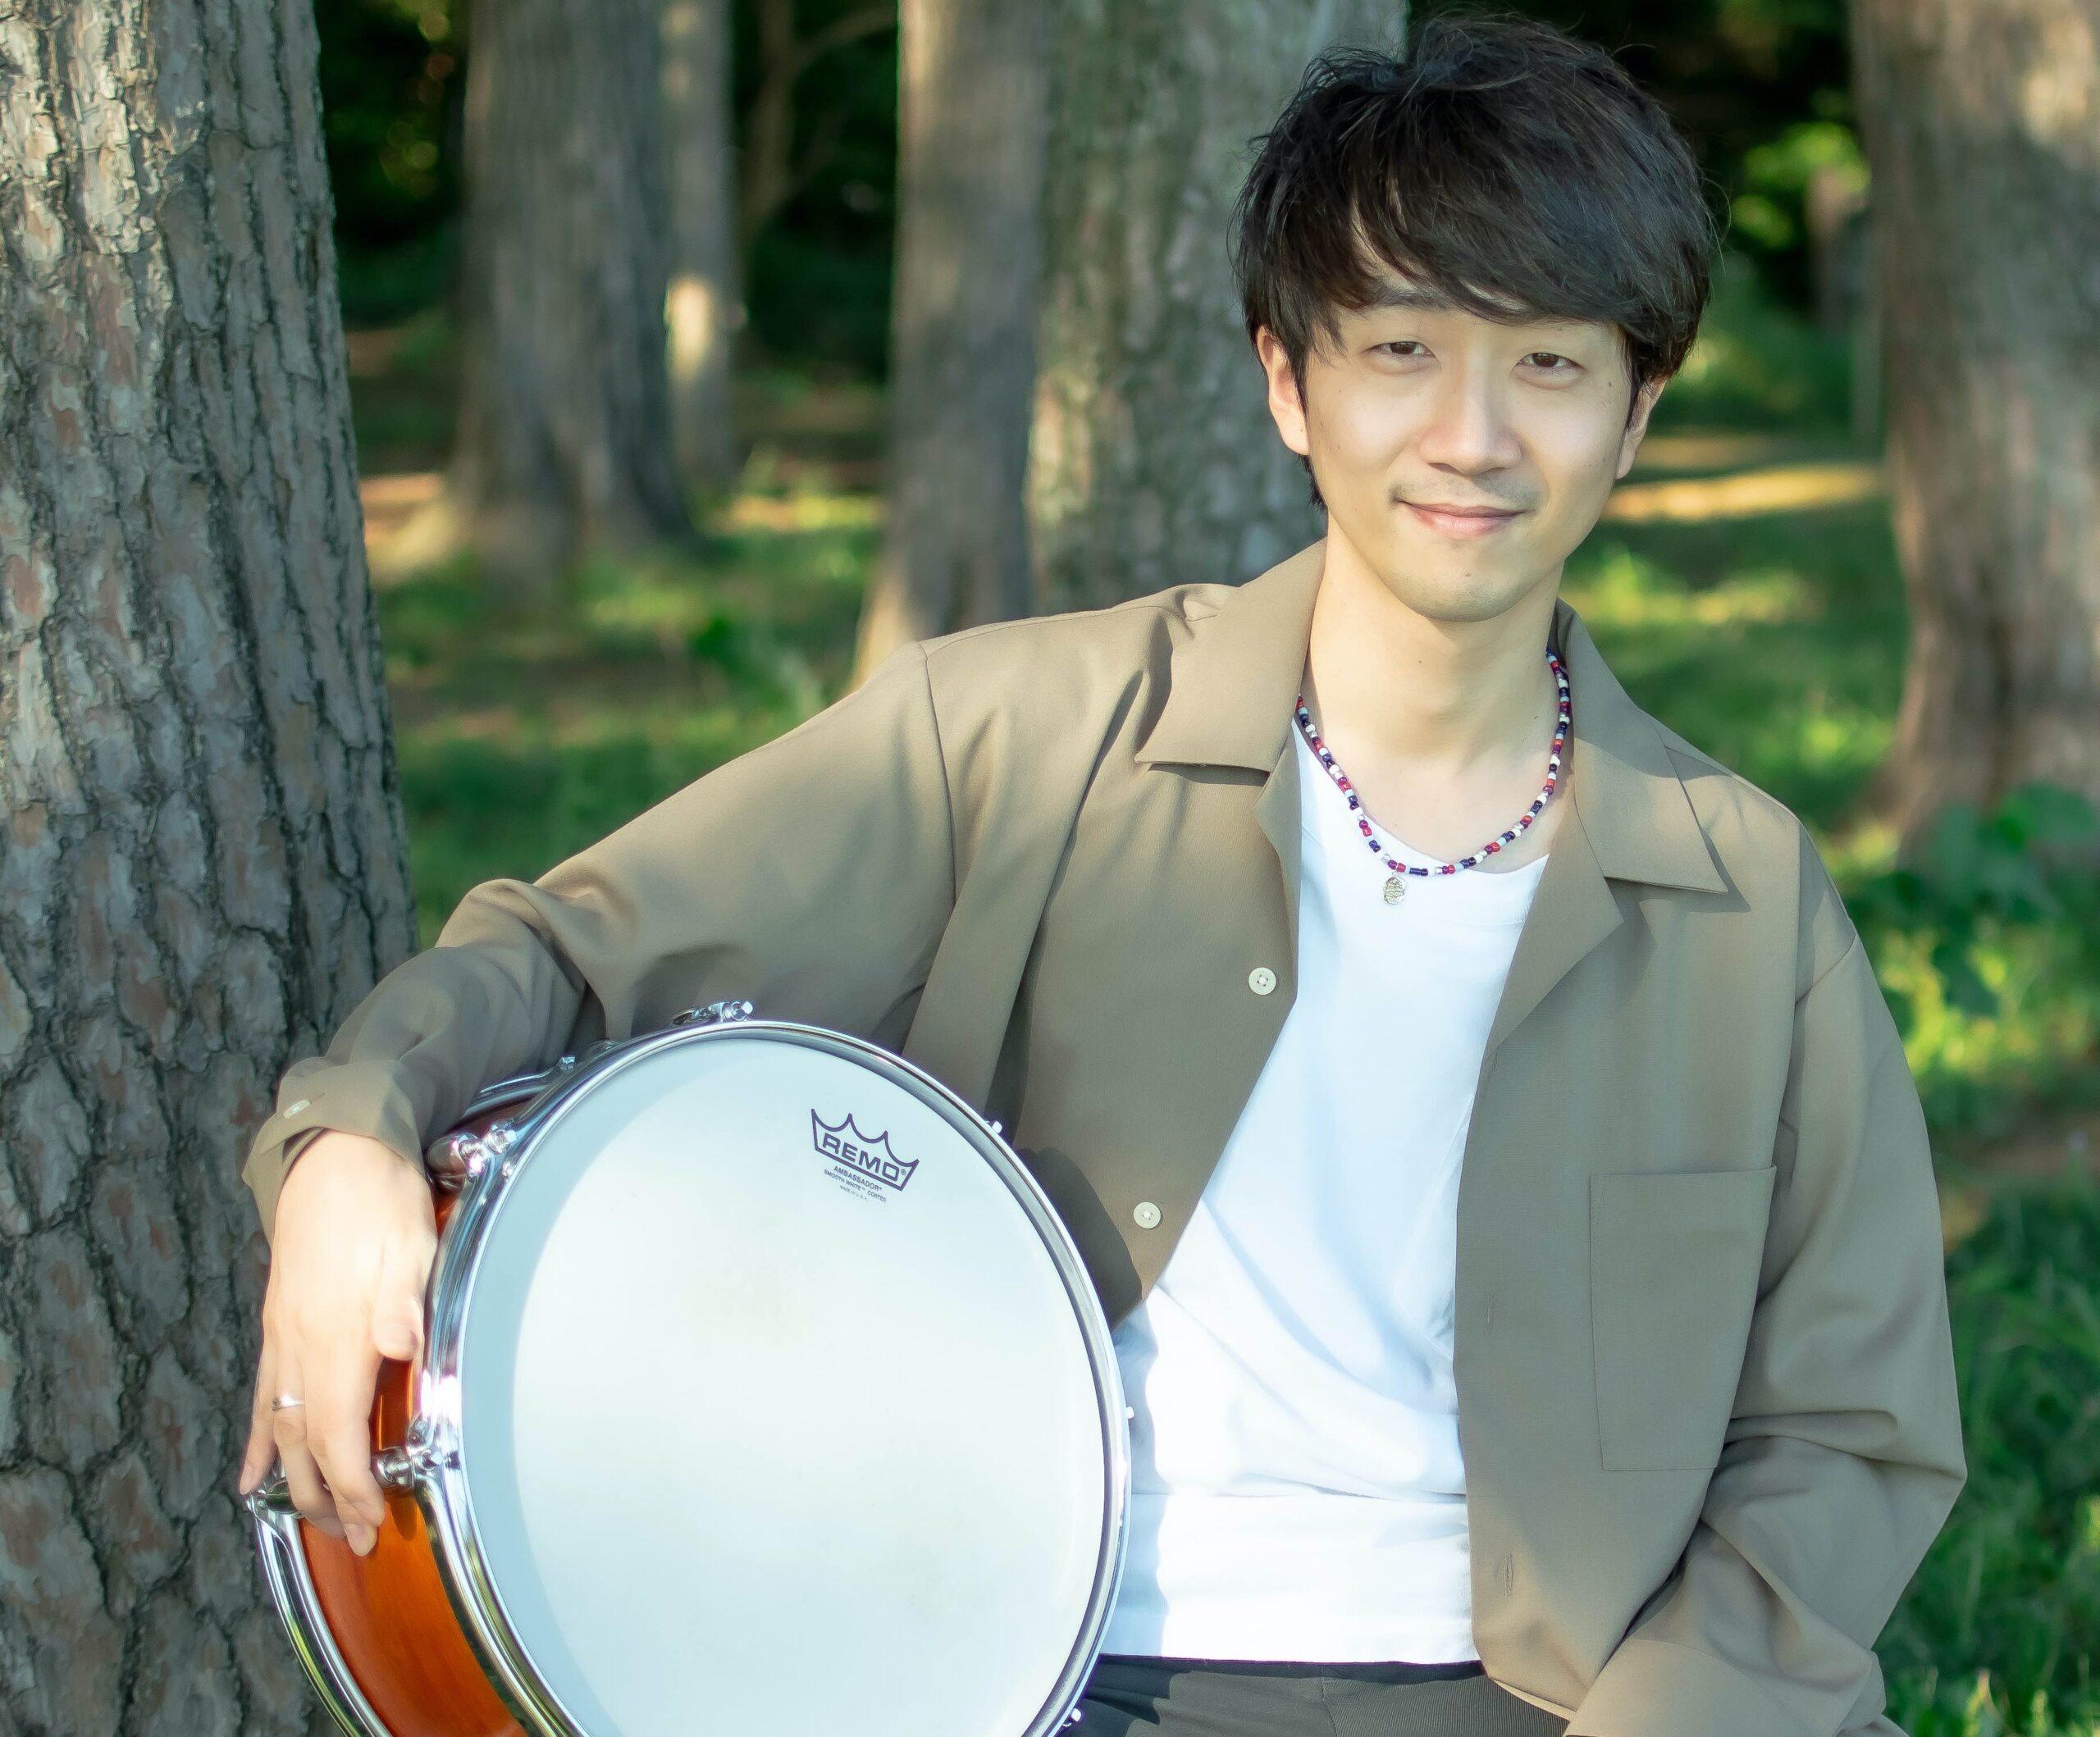 カサメミュージックスクールドラム科講師、yoseei先生の写真